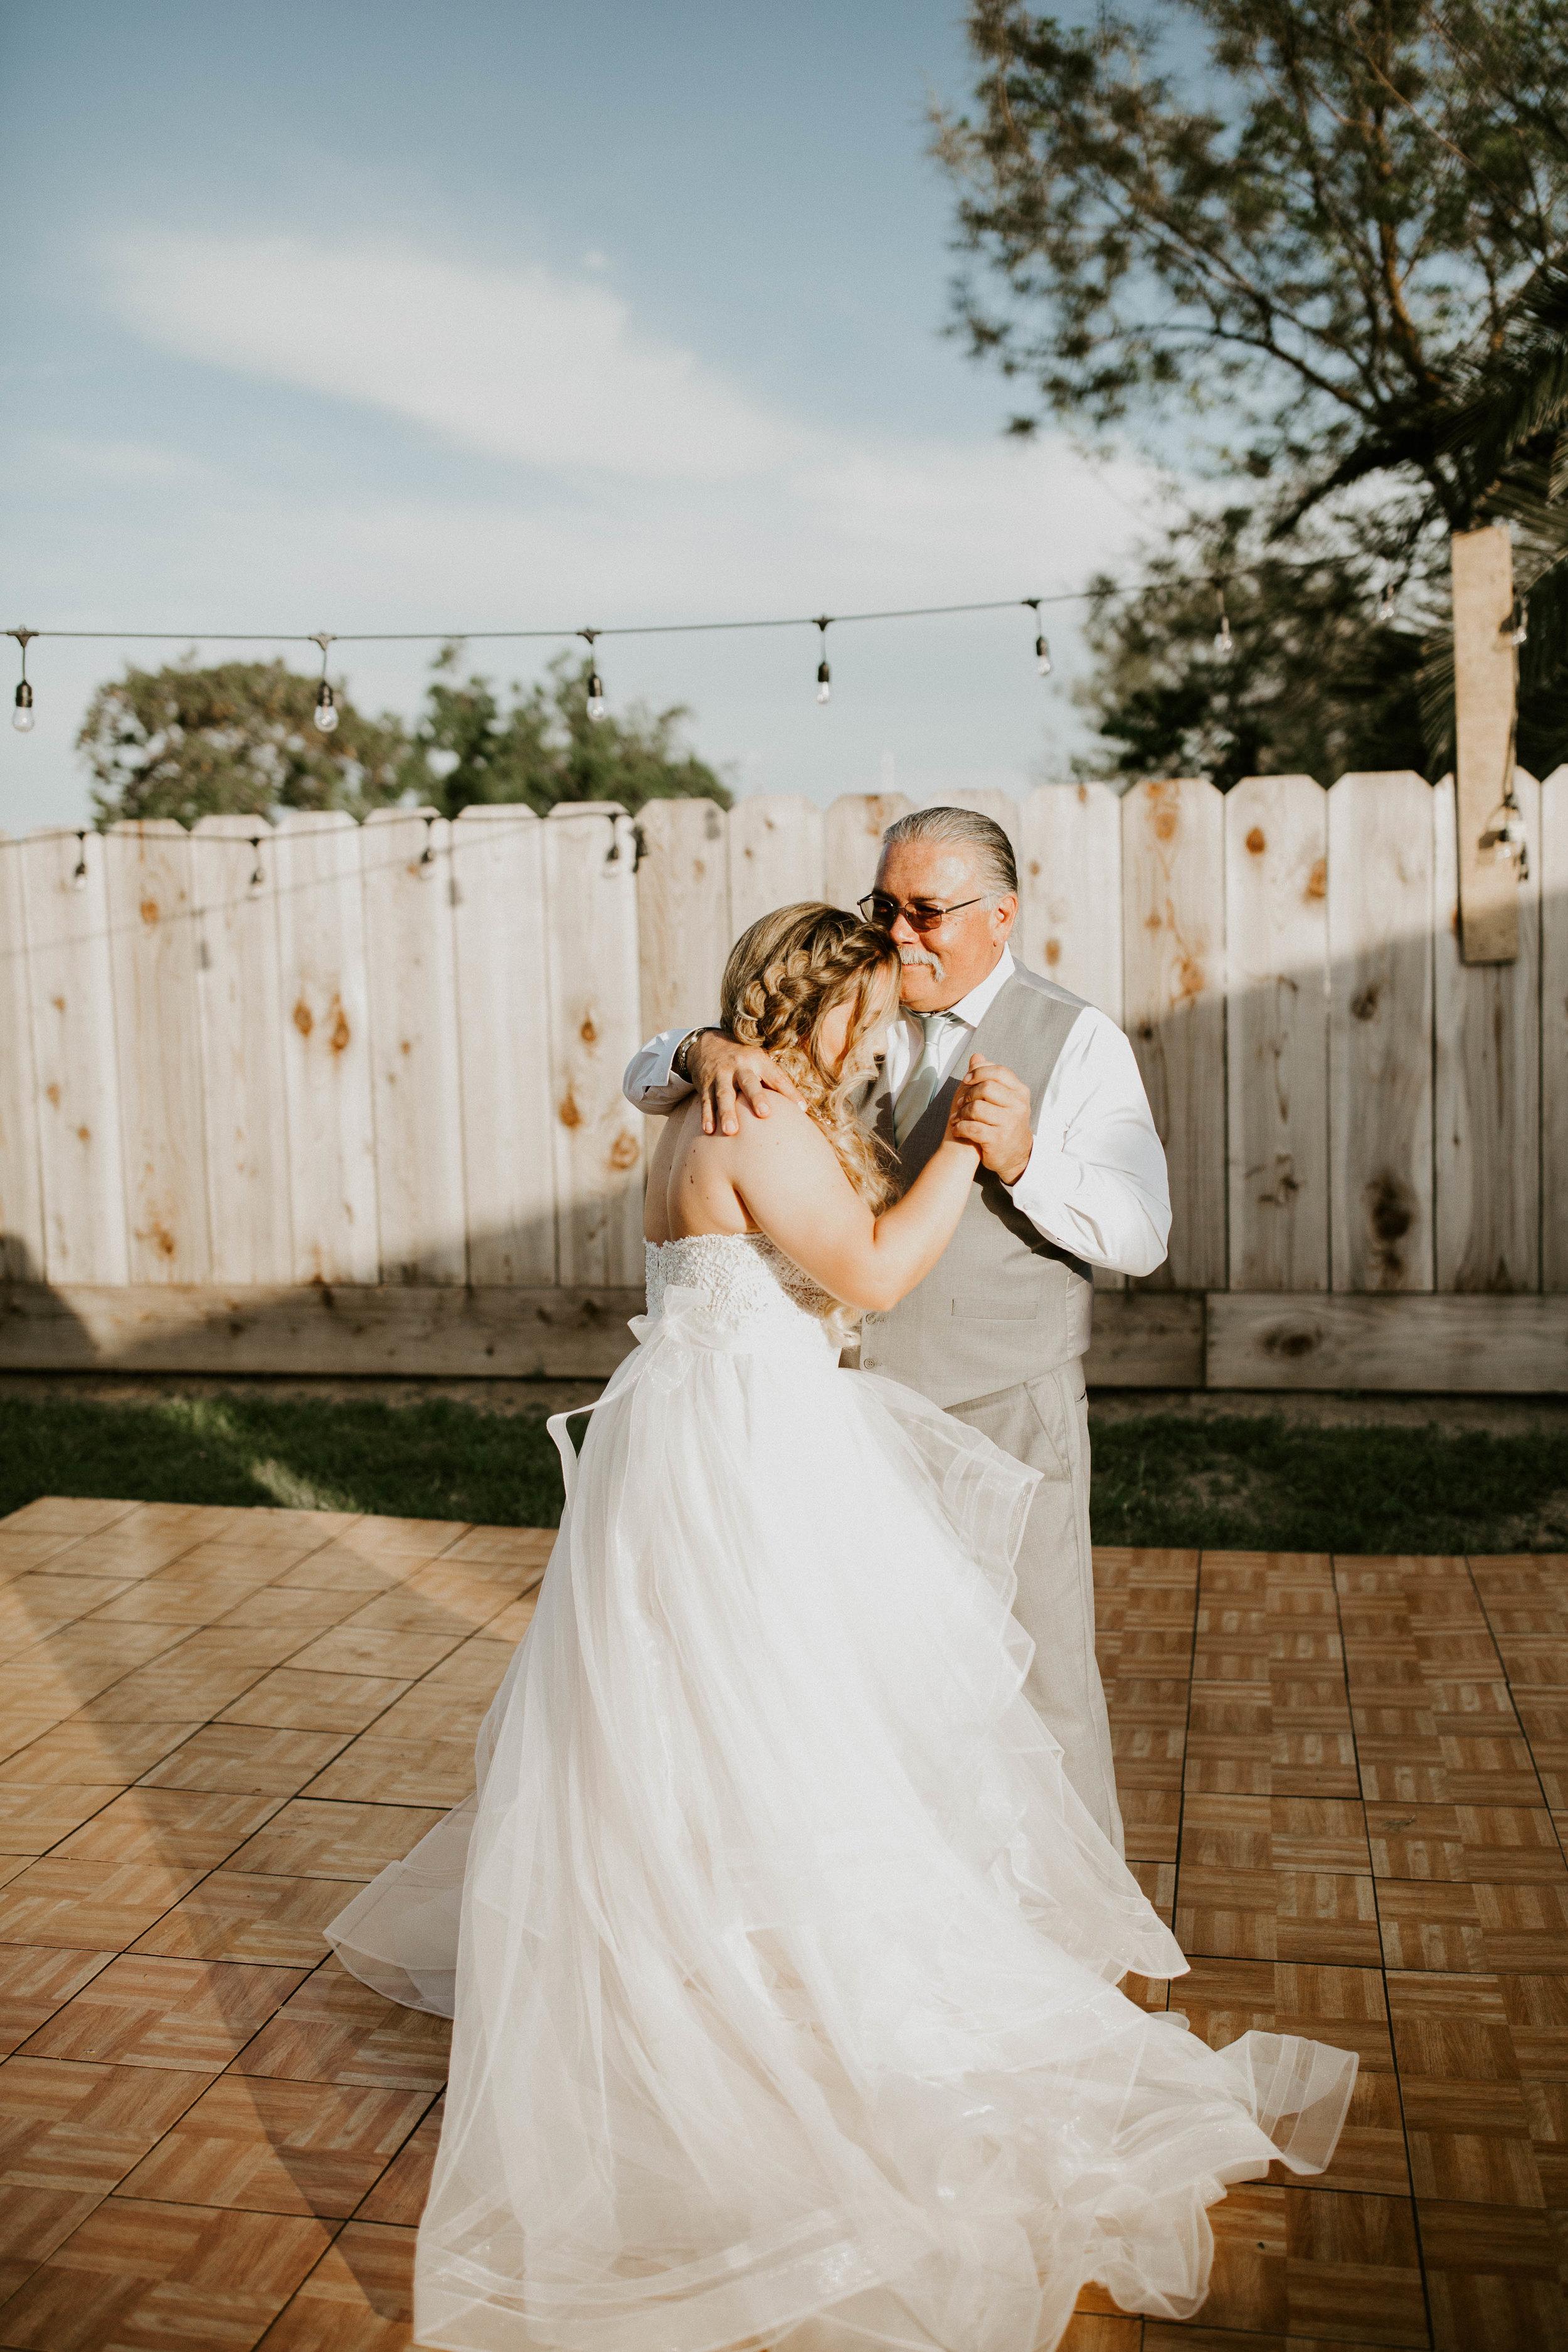 Kelsee&Yudith'sbackyardintimatewedding(400of646).jpg